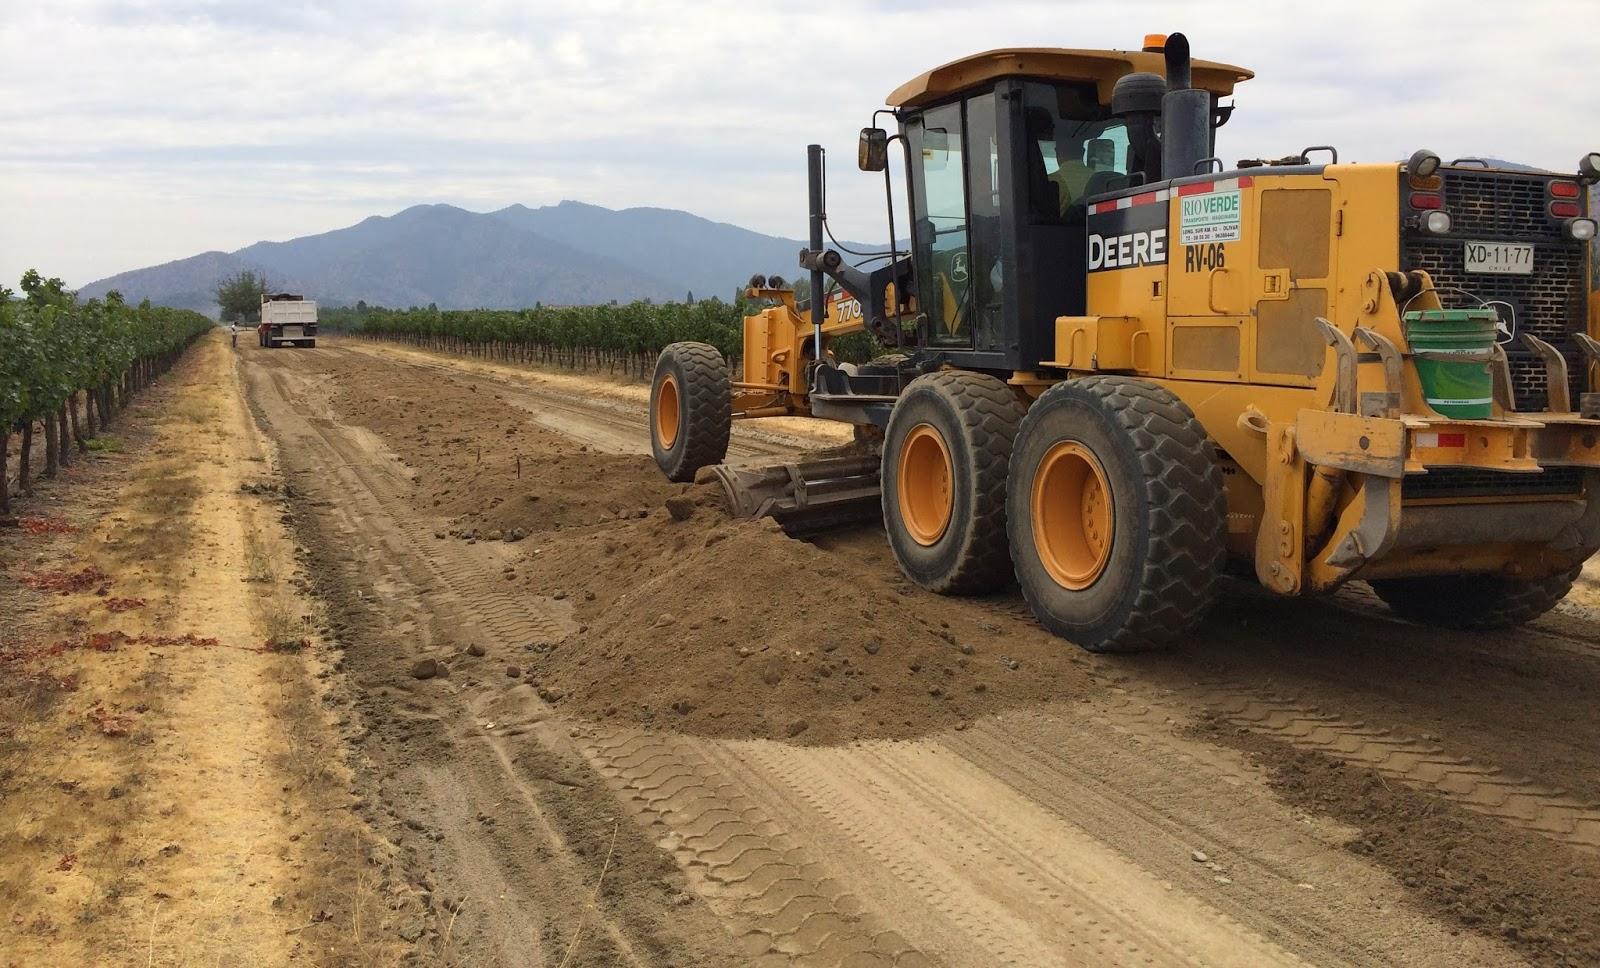 http://estradamassera2.blogspot.com/p/obras-civiles.html